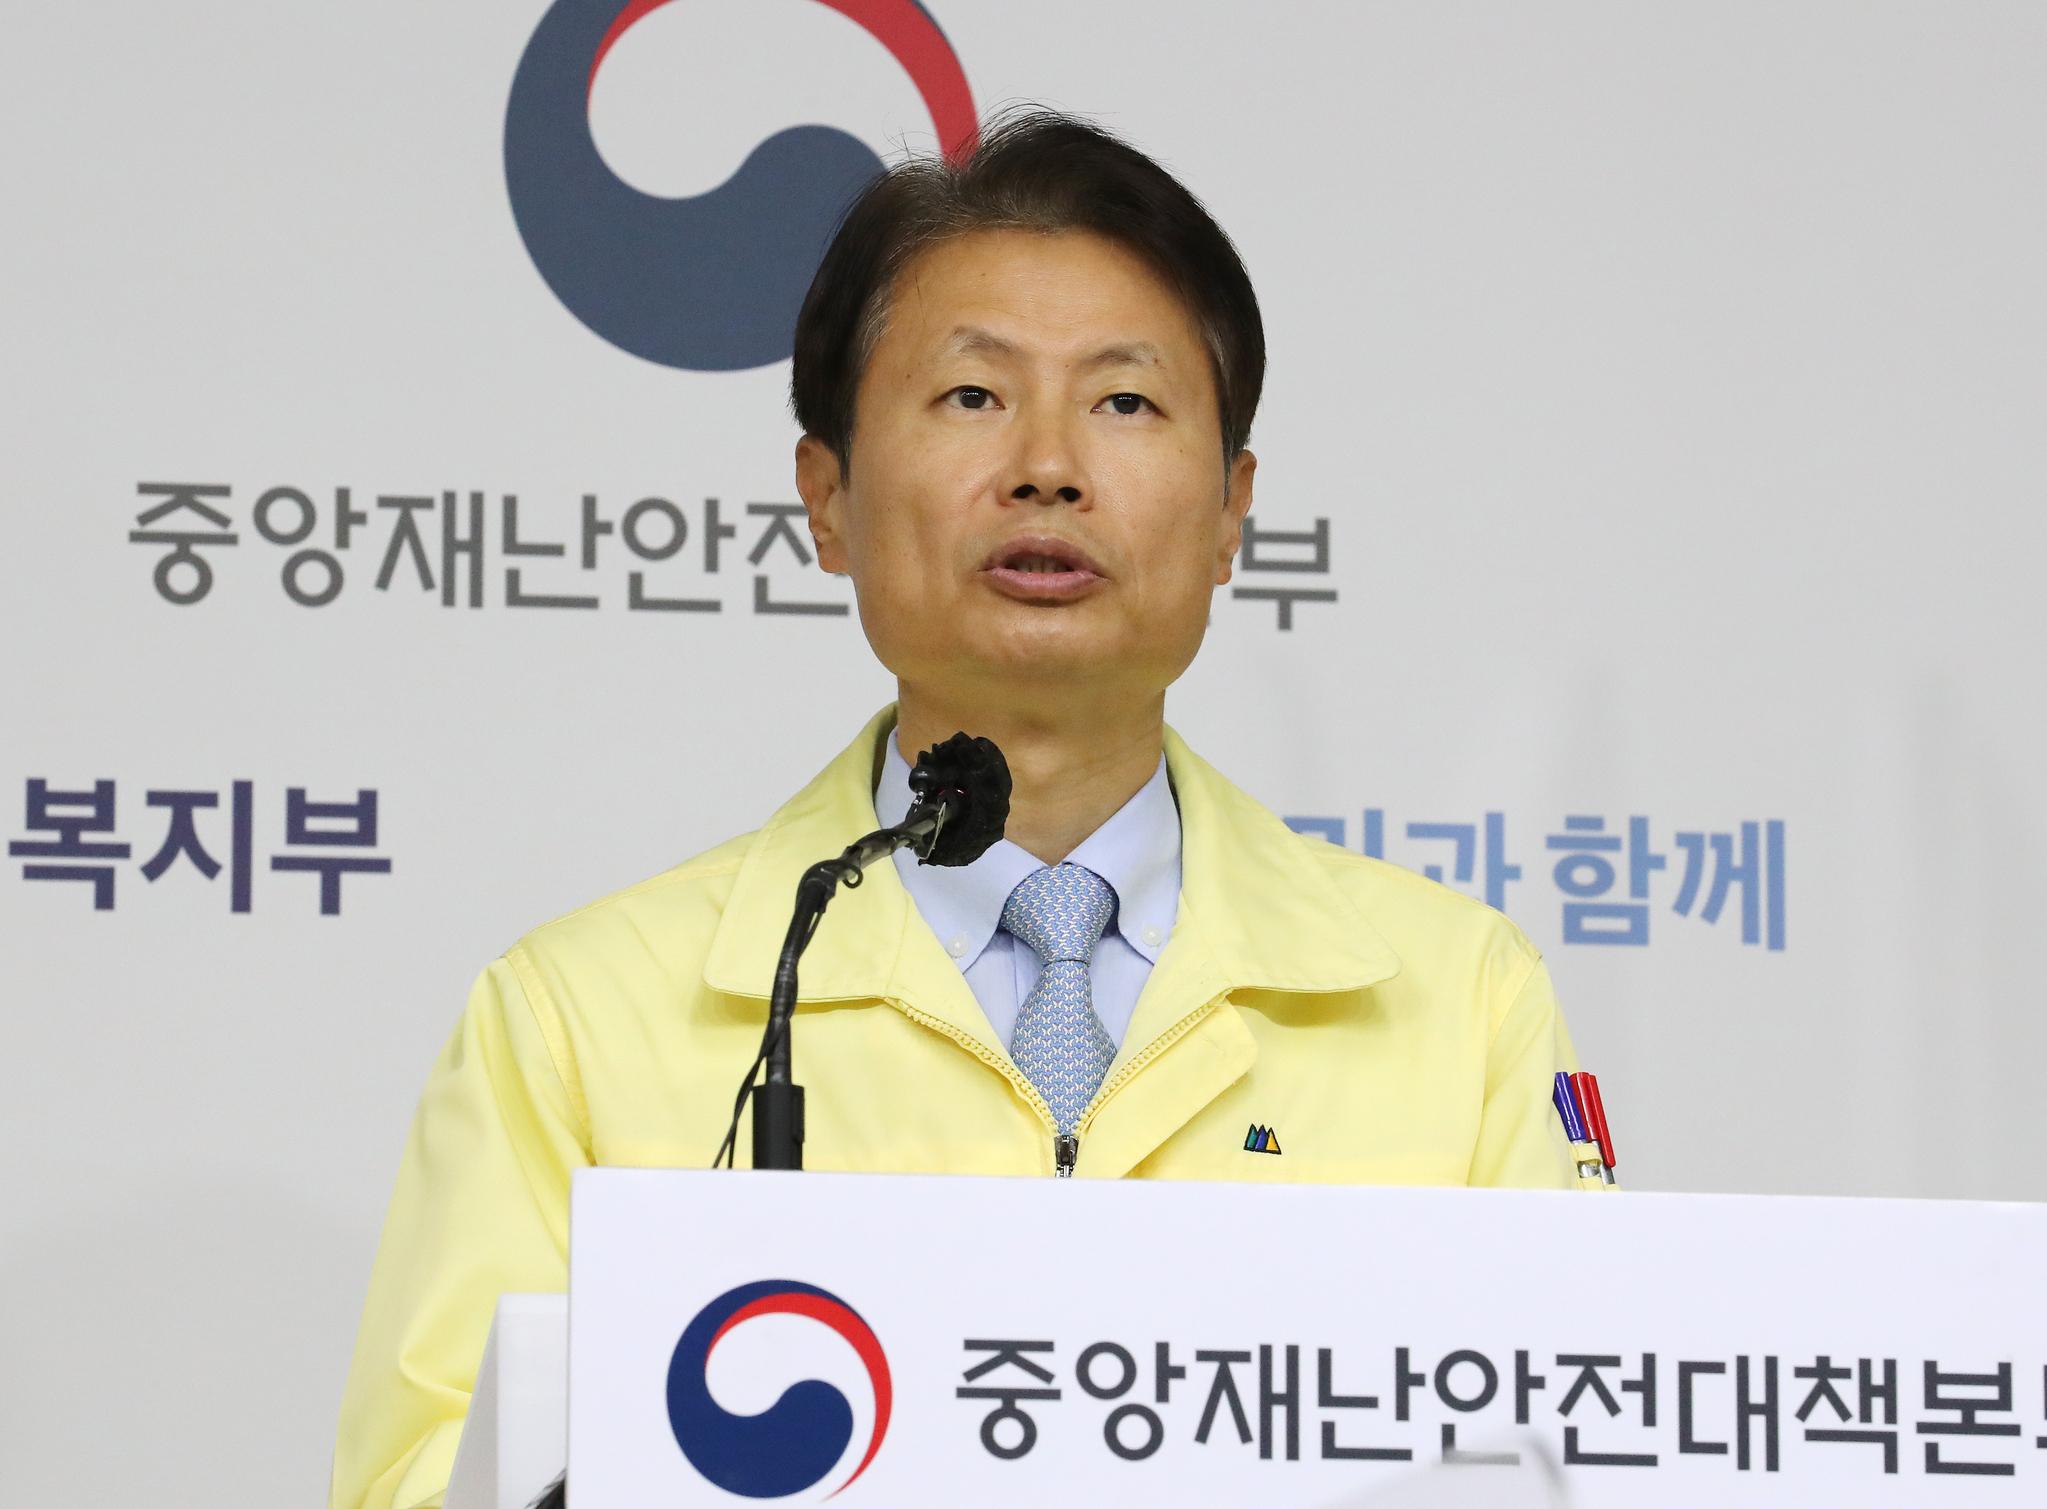 김강립 중앙재난안전대책본부 총괄대변인(보건복지부 1차관). 연합뉴스